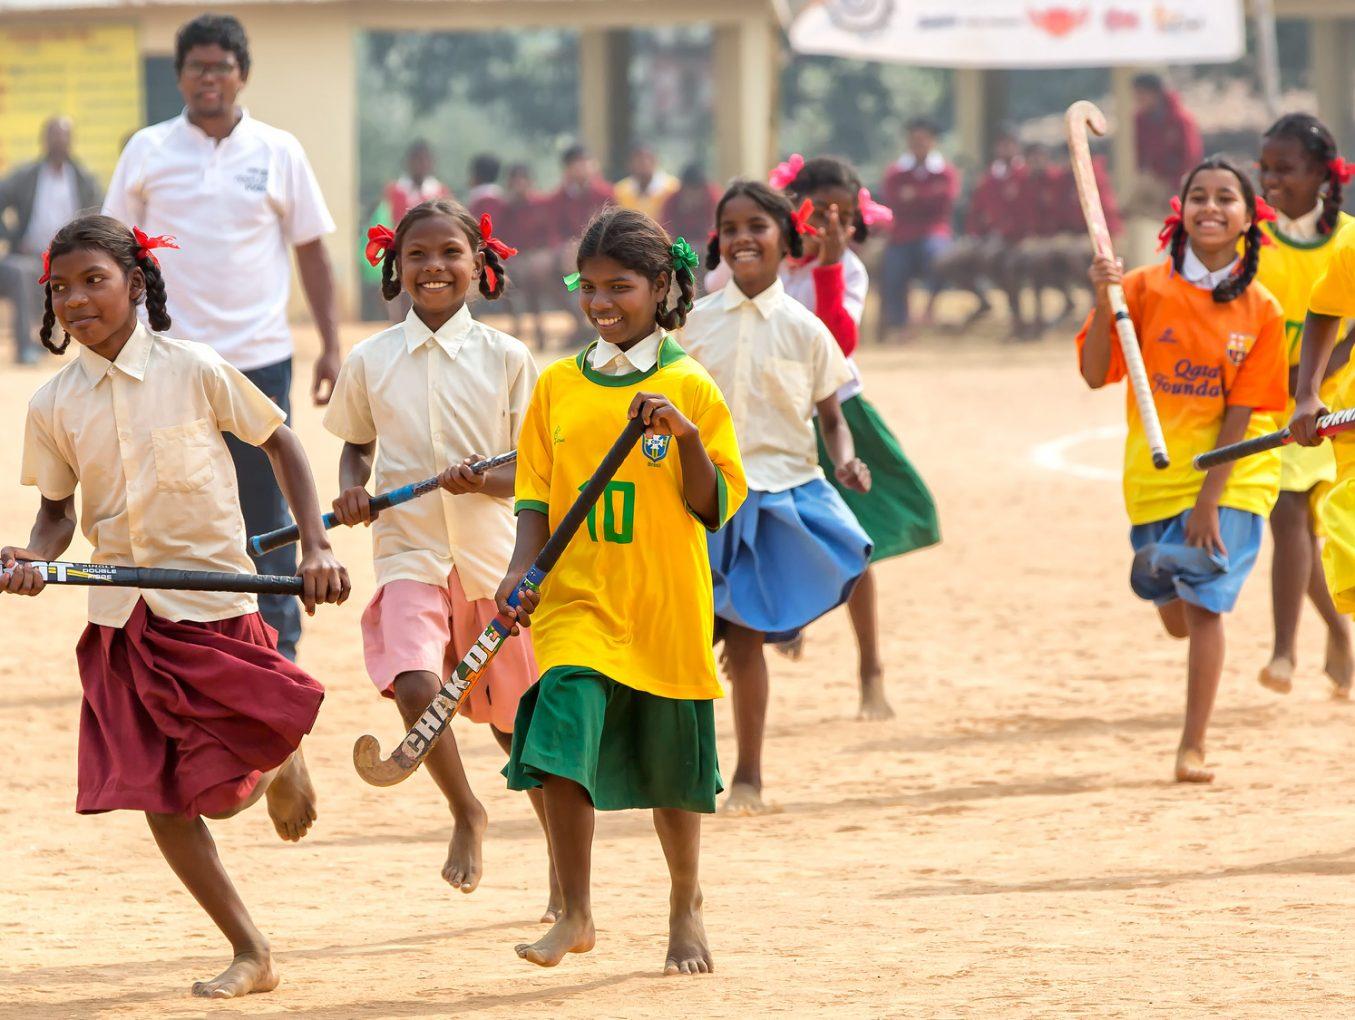 Hockey is in India nog een zanderige aangelegenheid